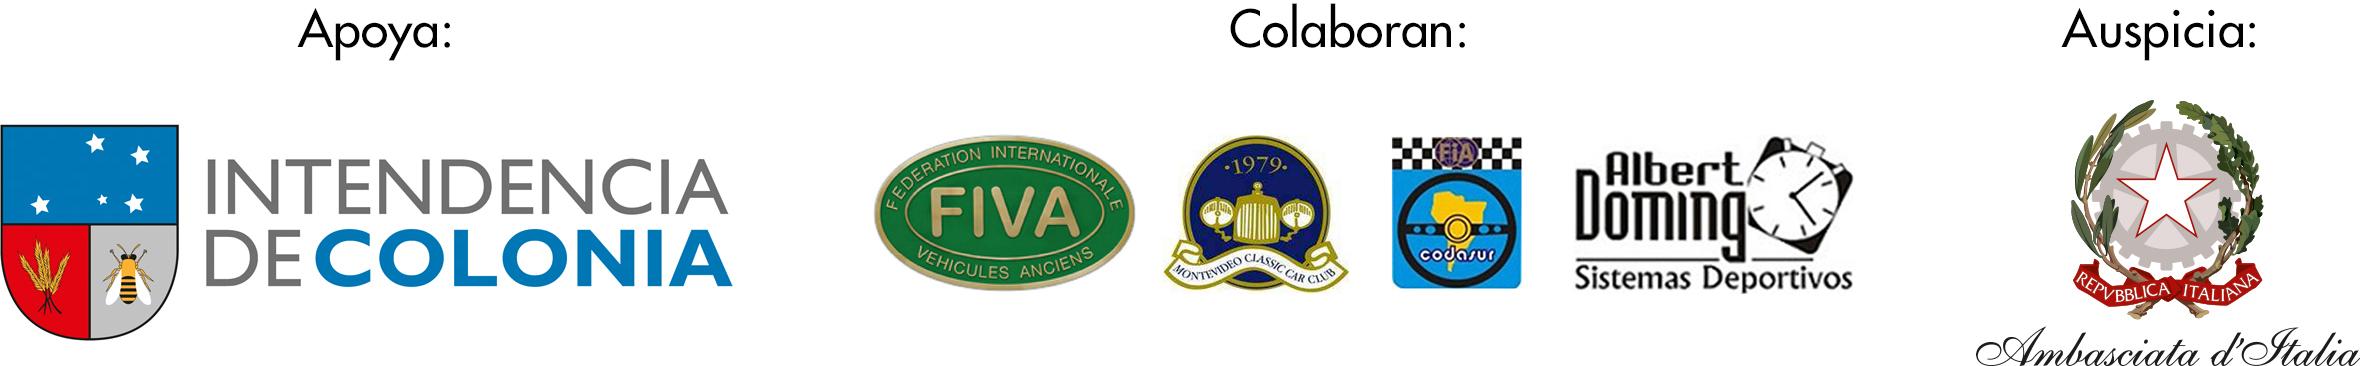 6 logos